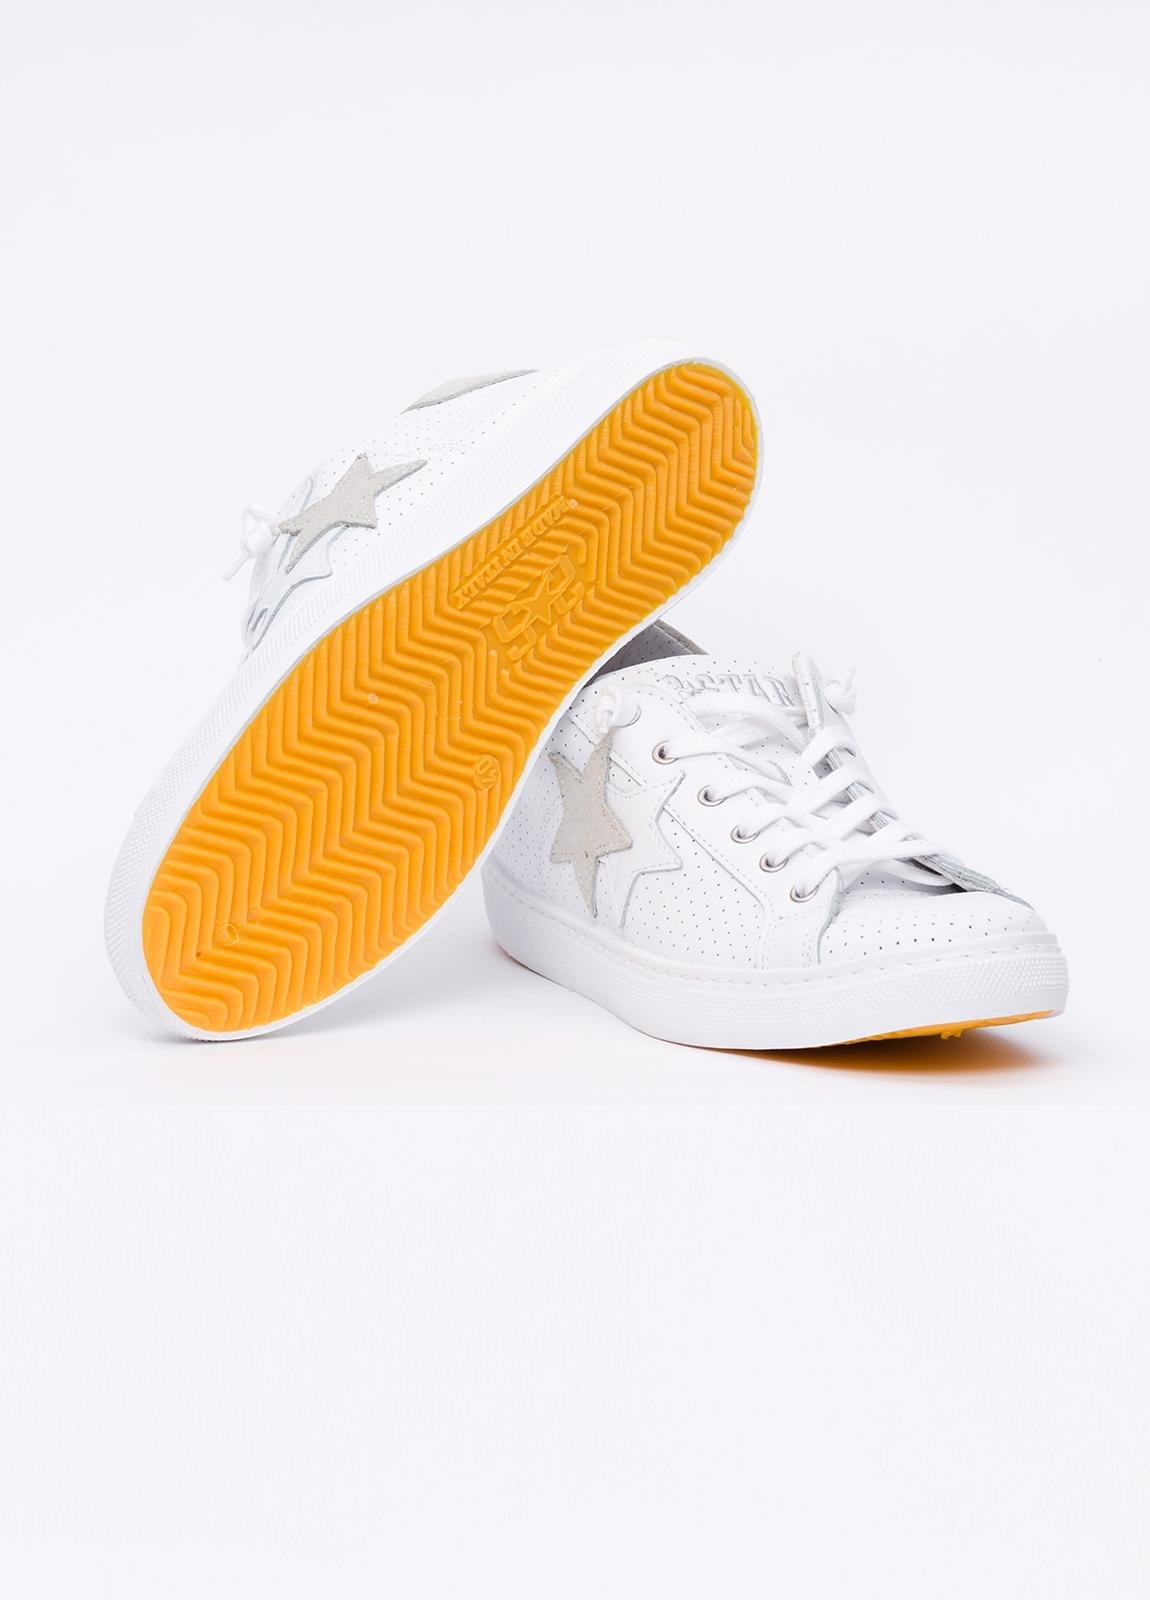 Calzado sport color blanco con detalles beige. 100% Piel. - Ítem1